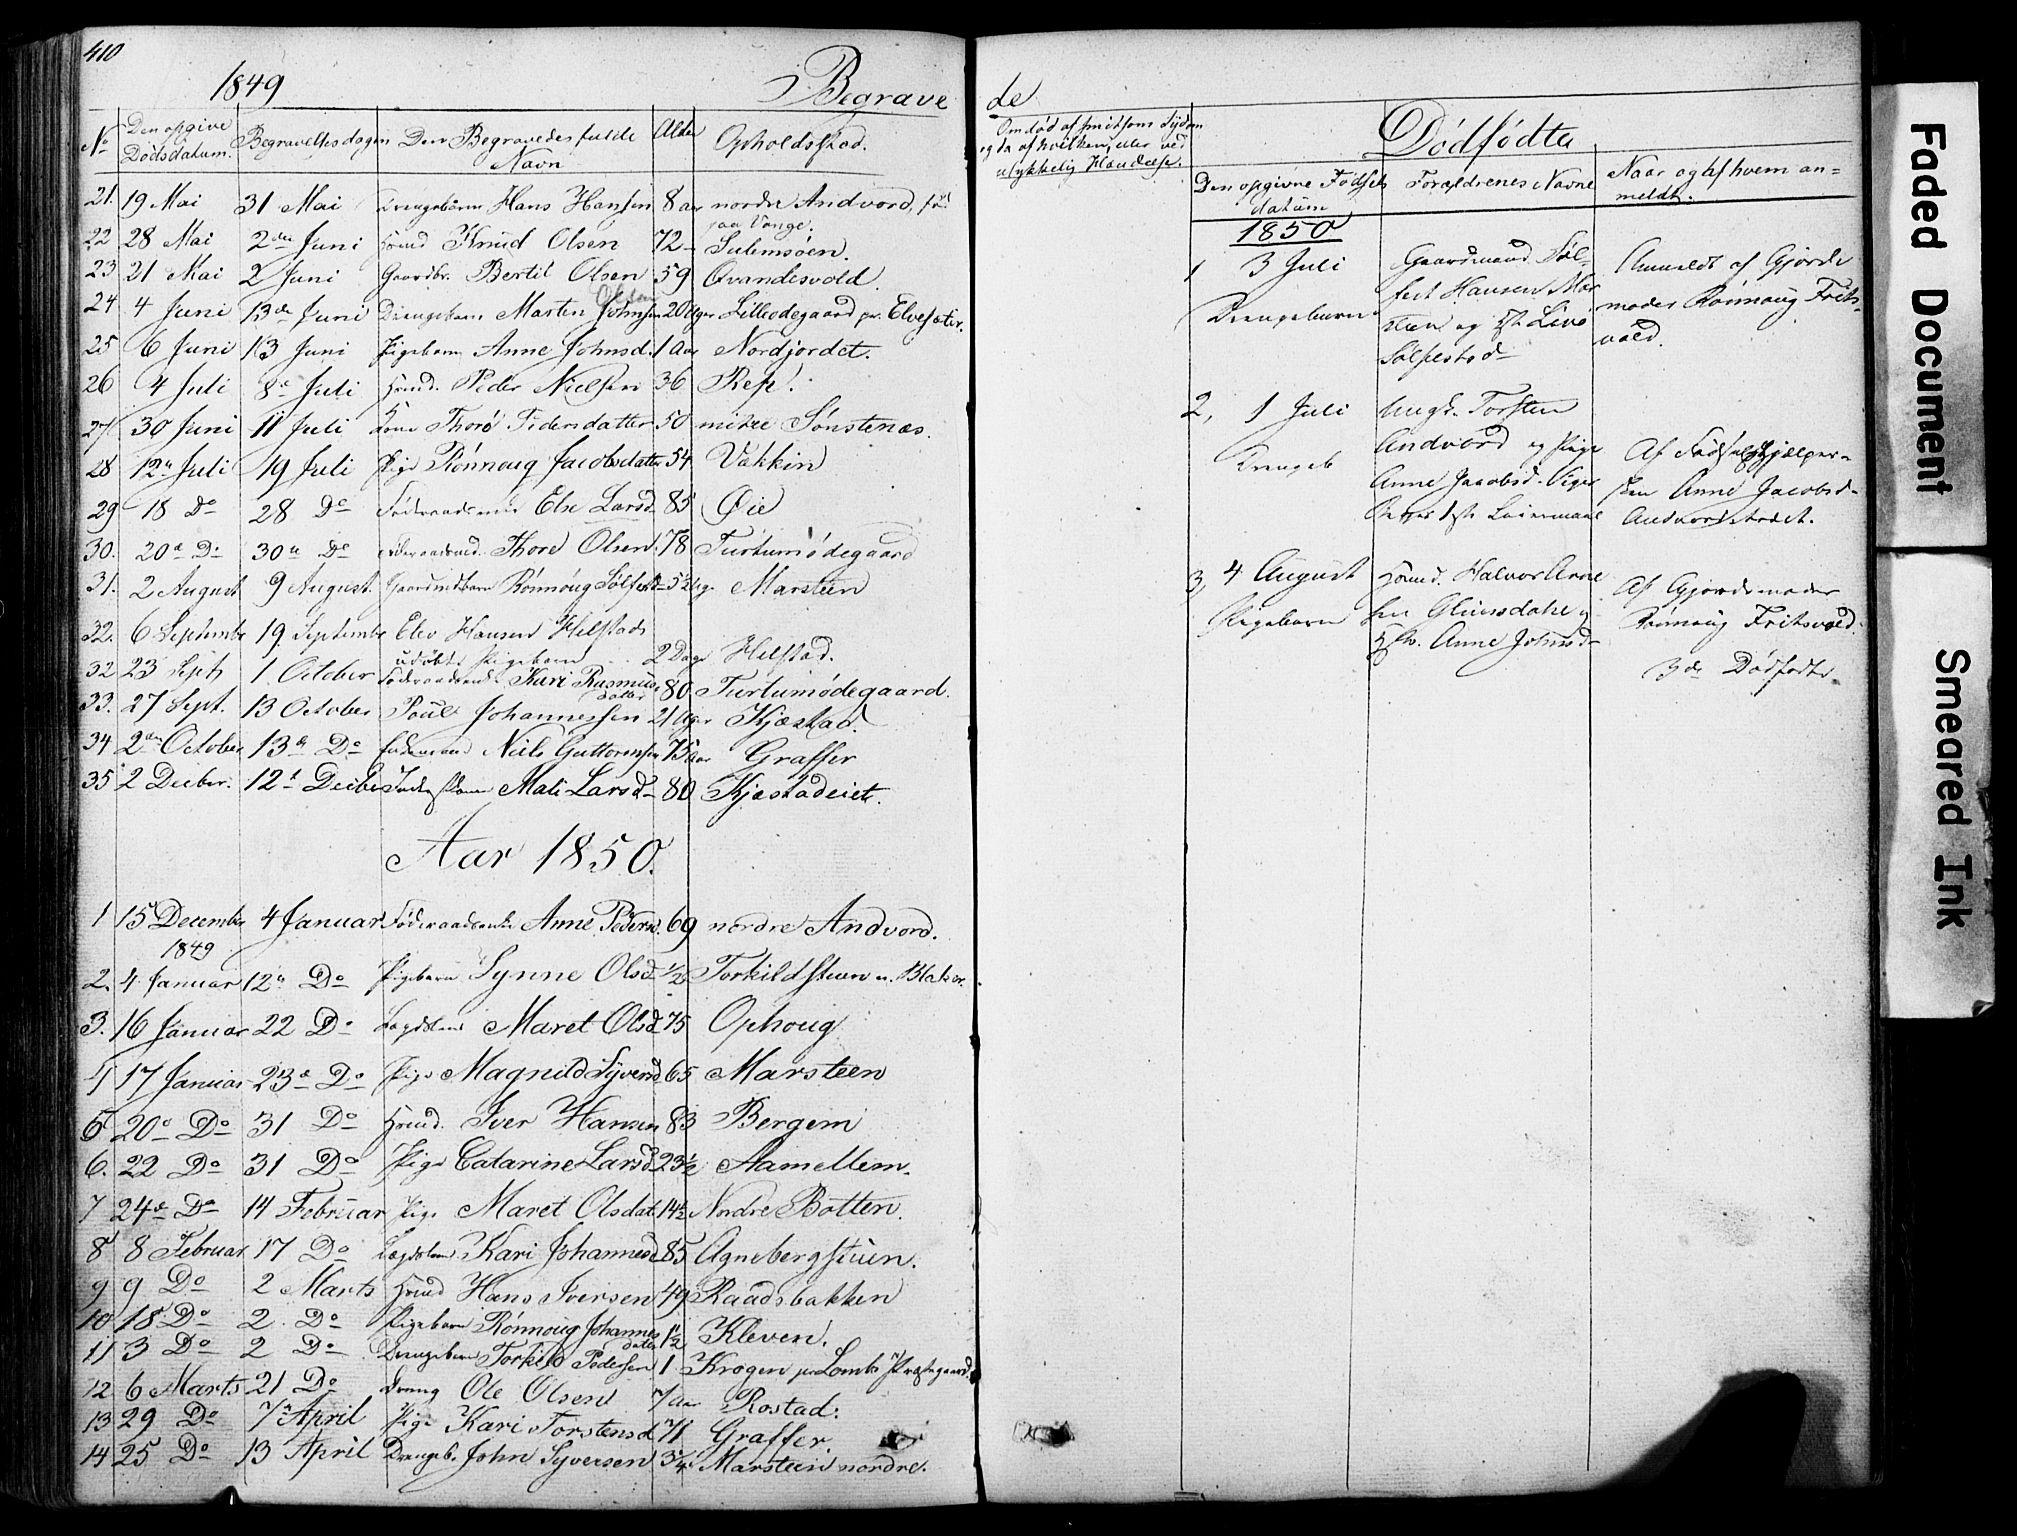 SAH, Lom prestekontor, L/L0012: Klokkerbok nr. 12, 1845-1873, s. 410-411